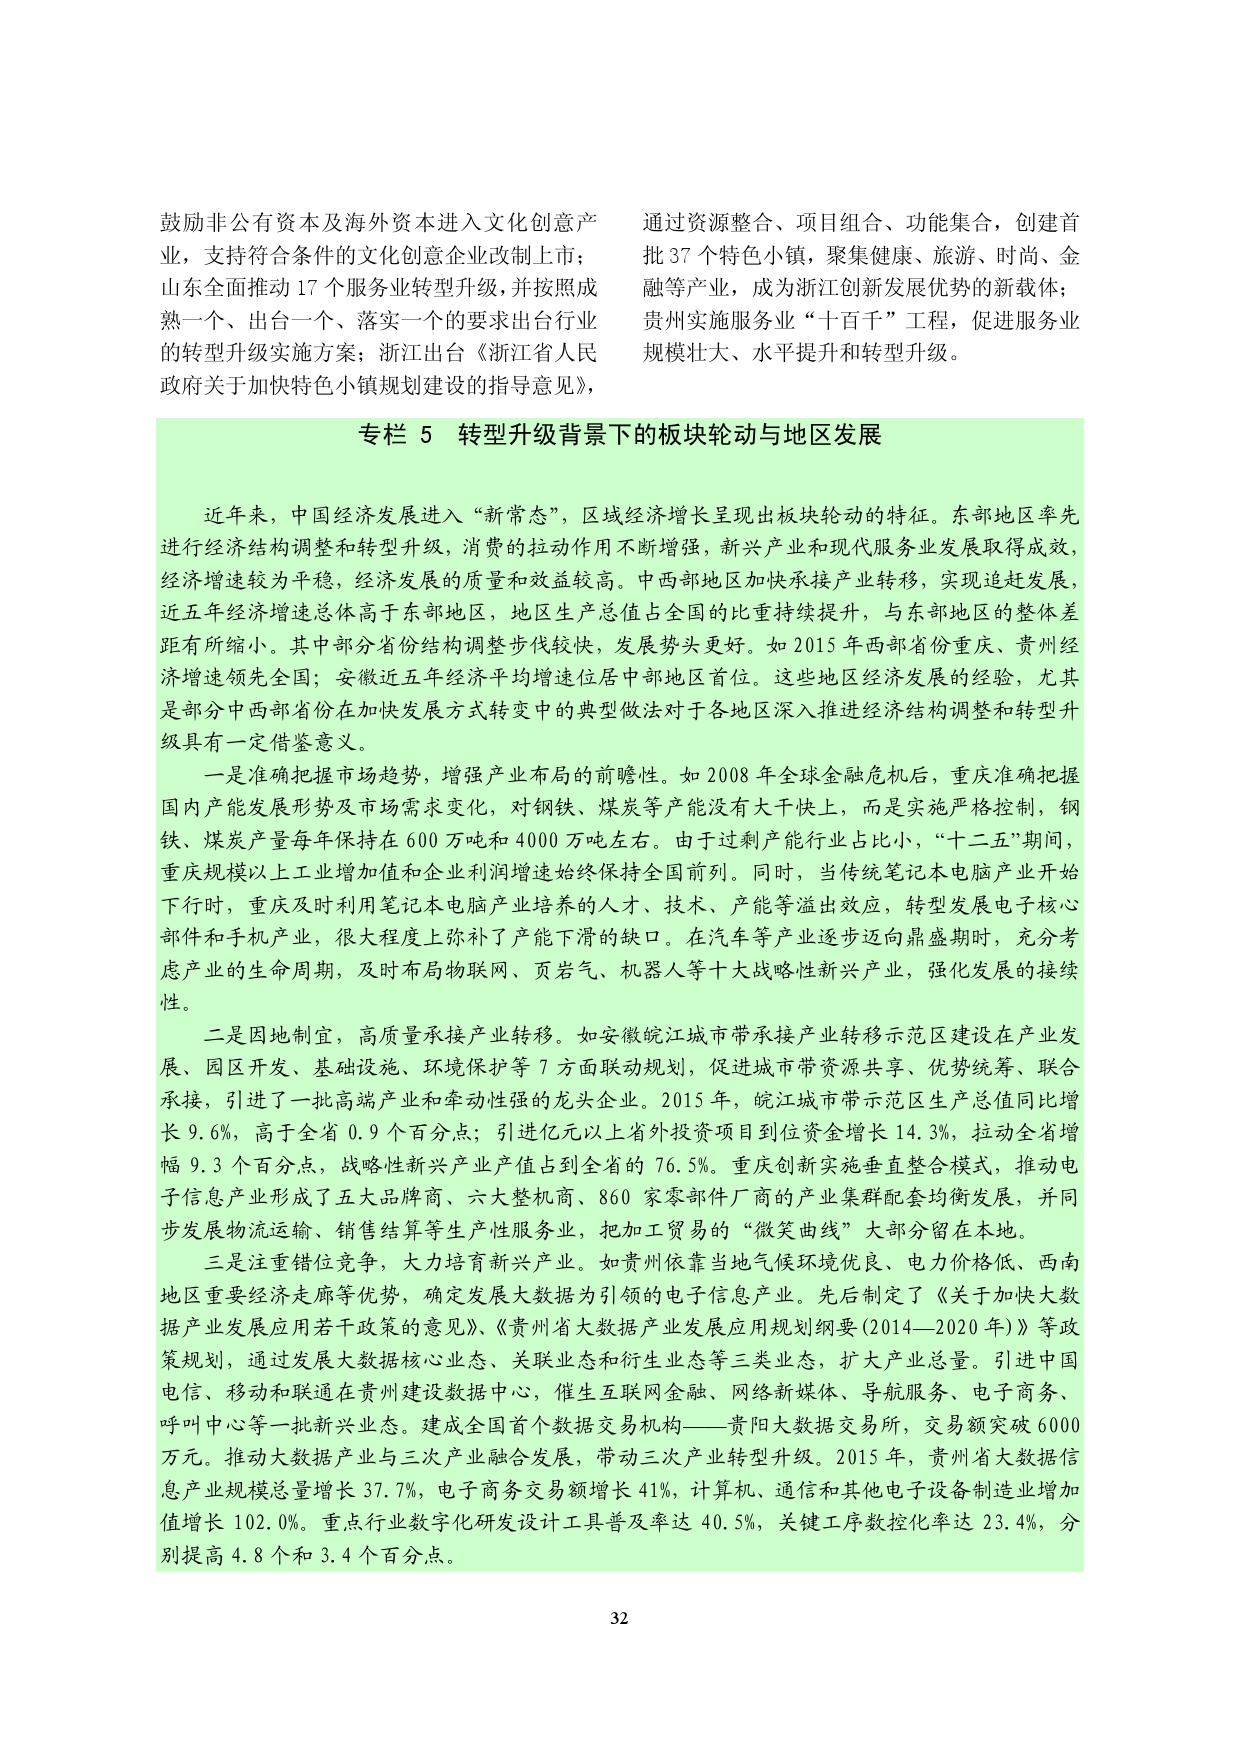 2015年中国区域金融运行报告_000035